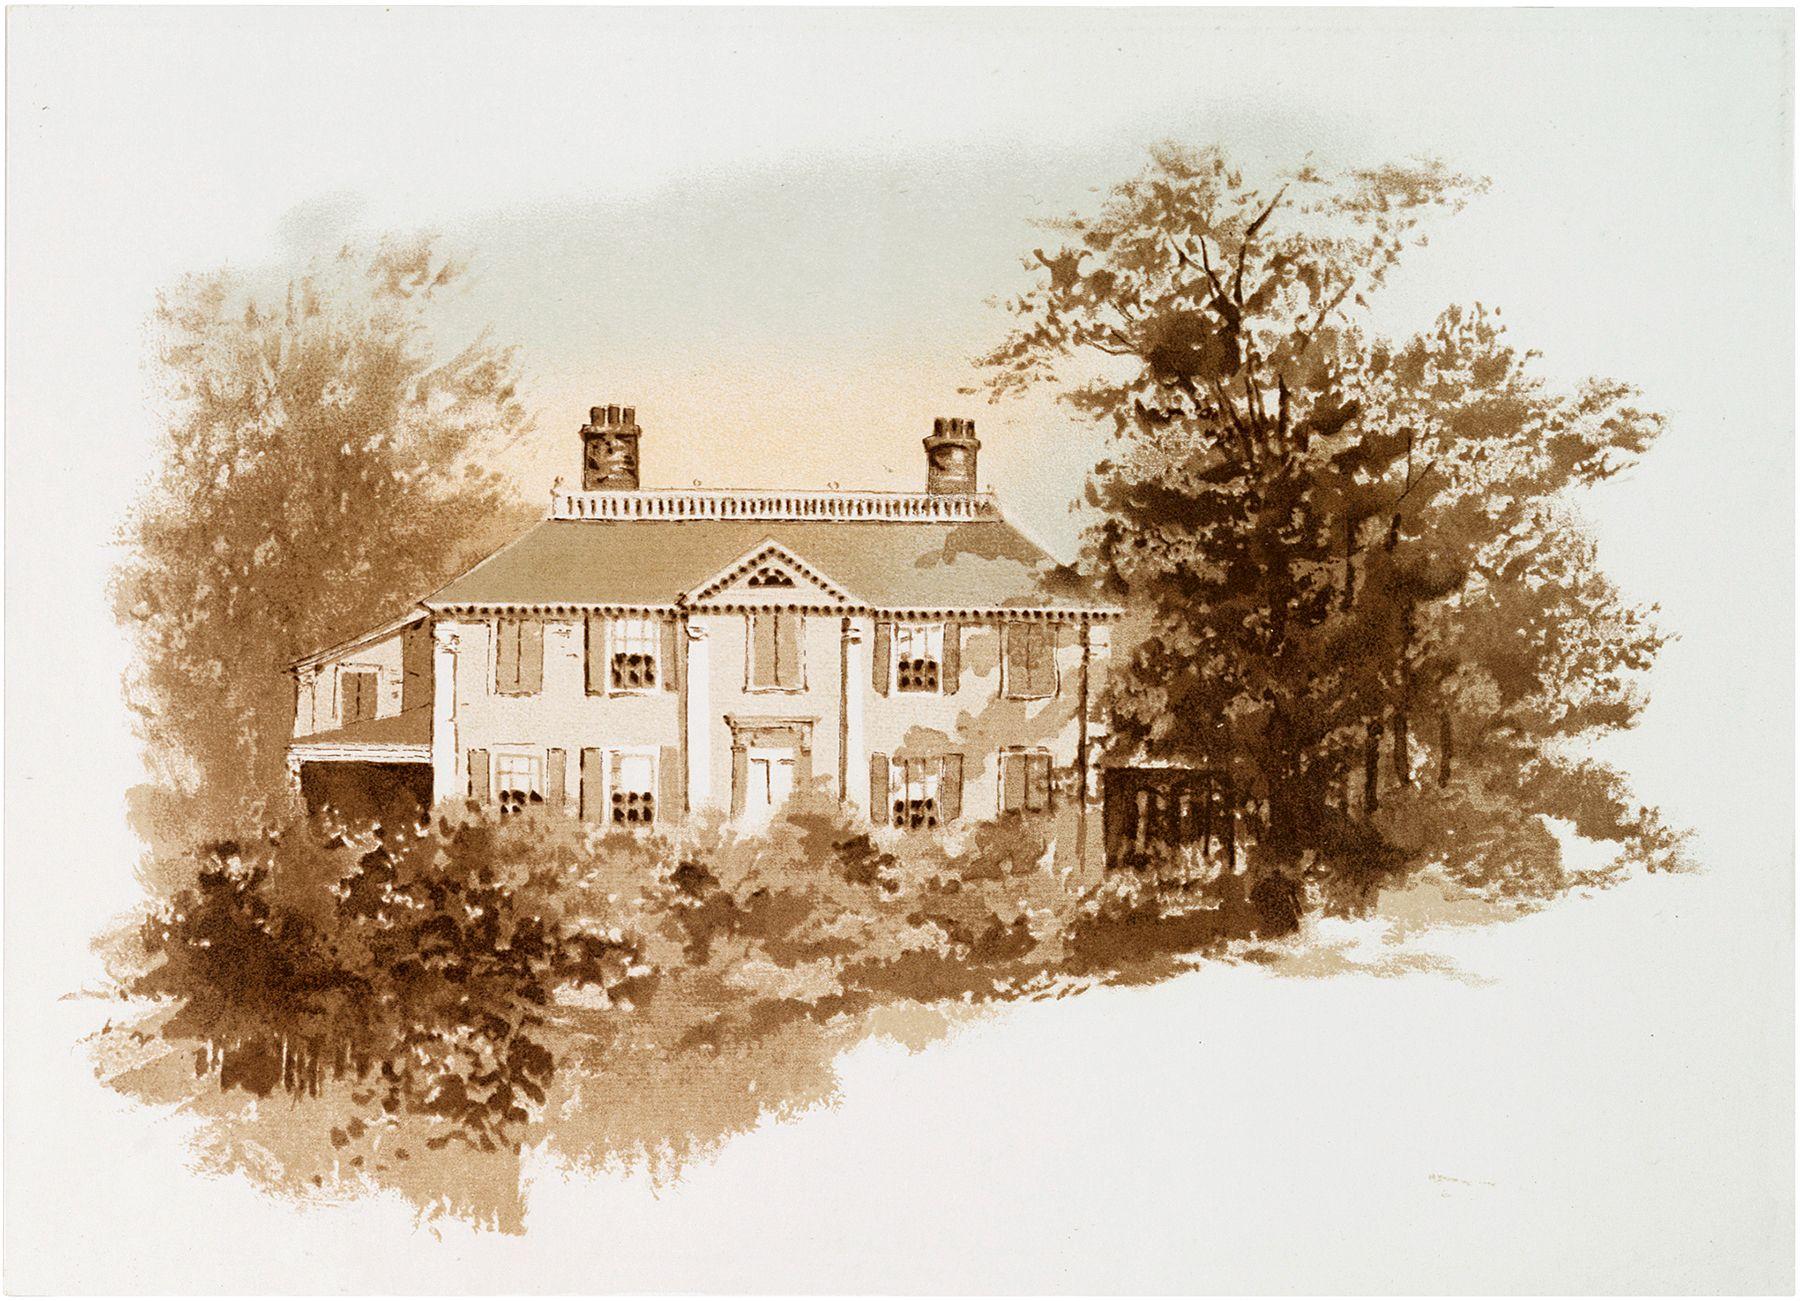 Vintage Sepia Landscape Image.